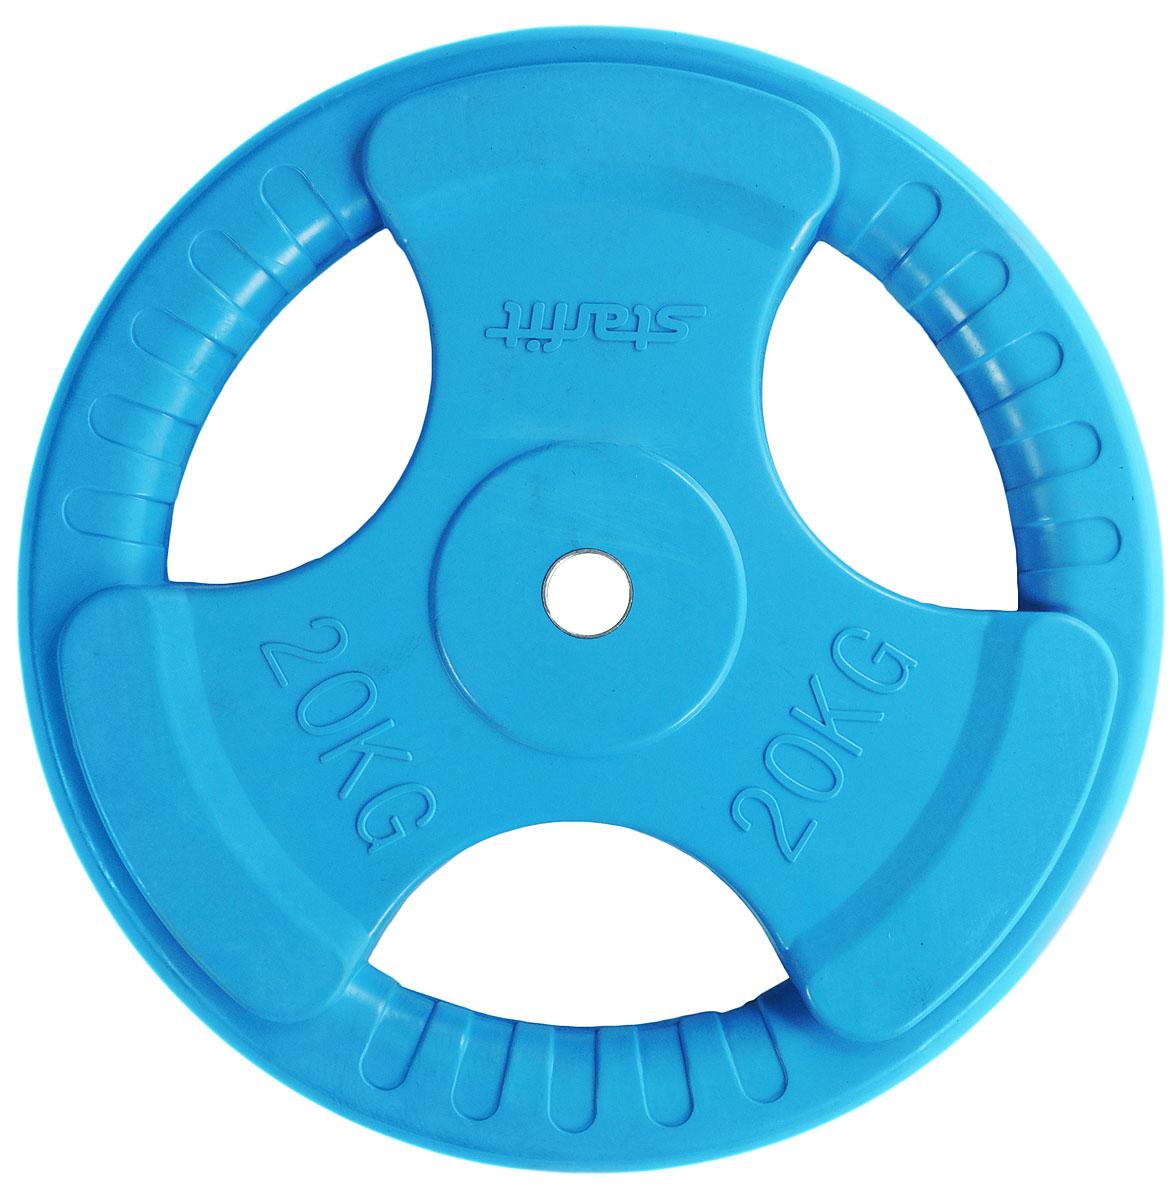 Диск обрезиненный Starfit BB-201, цвет: синий, посадочный диаметр 26 мм, 20 кгУТ-00007166Цветной обрезиненный диск Starfit BB-201 предназначен для грифов диаметром 26 мм. Диск оснащен металлической втулкой и 3 удобными ручками для загрузки и снятия диска со штанги. Благодаря специальной форме диск можно удобно брать за ручки. Высокое качество обеспечивает безопасность занятий спортом. Для домашних условий чаще всего применяются обрезиненные диски со специальным покрытием, которые не царапают пол и не гремят, привлекая излишнее внимание соседей. При покупке дисков обязательно обращайте внимание на допустимый вес, который может выдержать гриф.